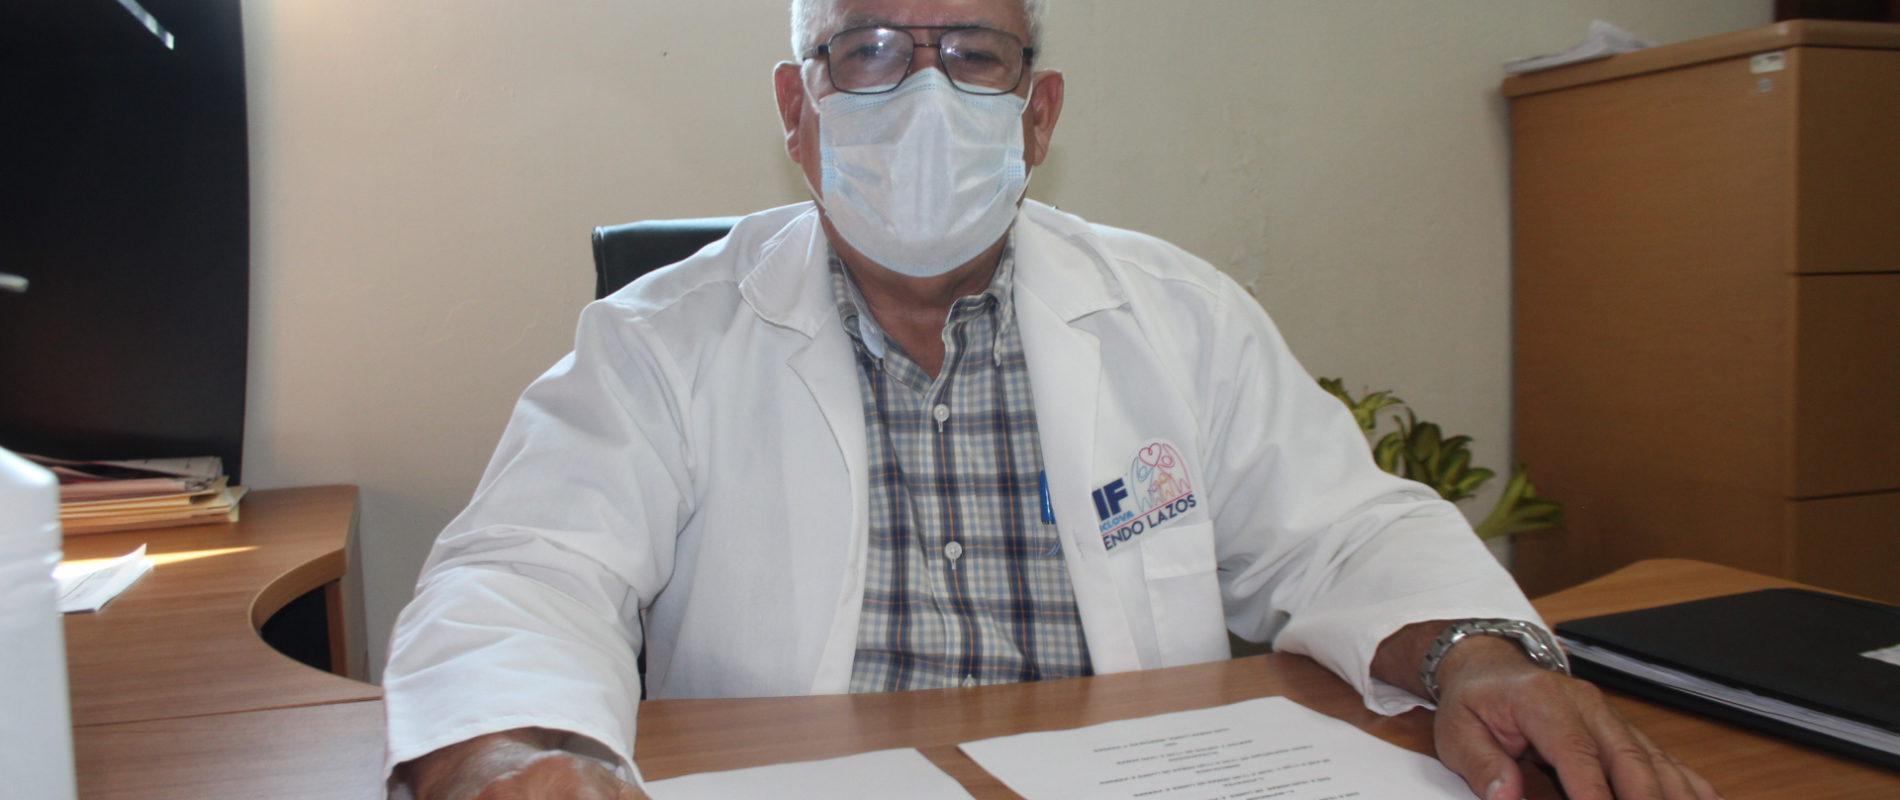 Dr. Arturo González, director del Hospital DIF en Monclova, recomendó a la ciudadanía no bajar la guardia y atender todas las medidas preventivas contra el Covid